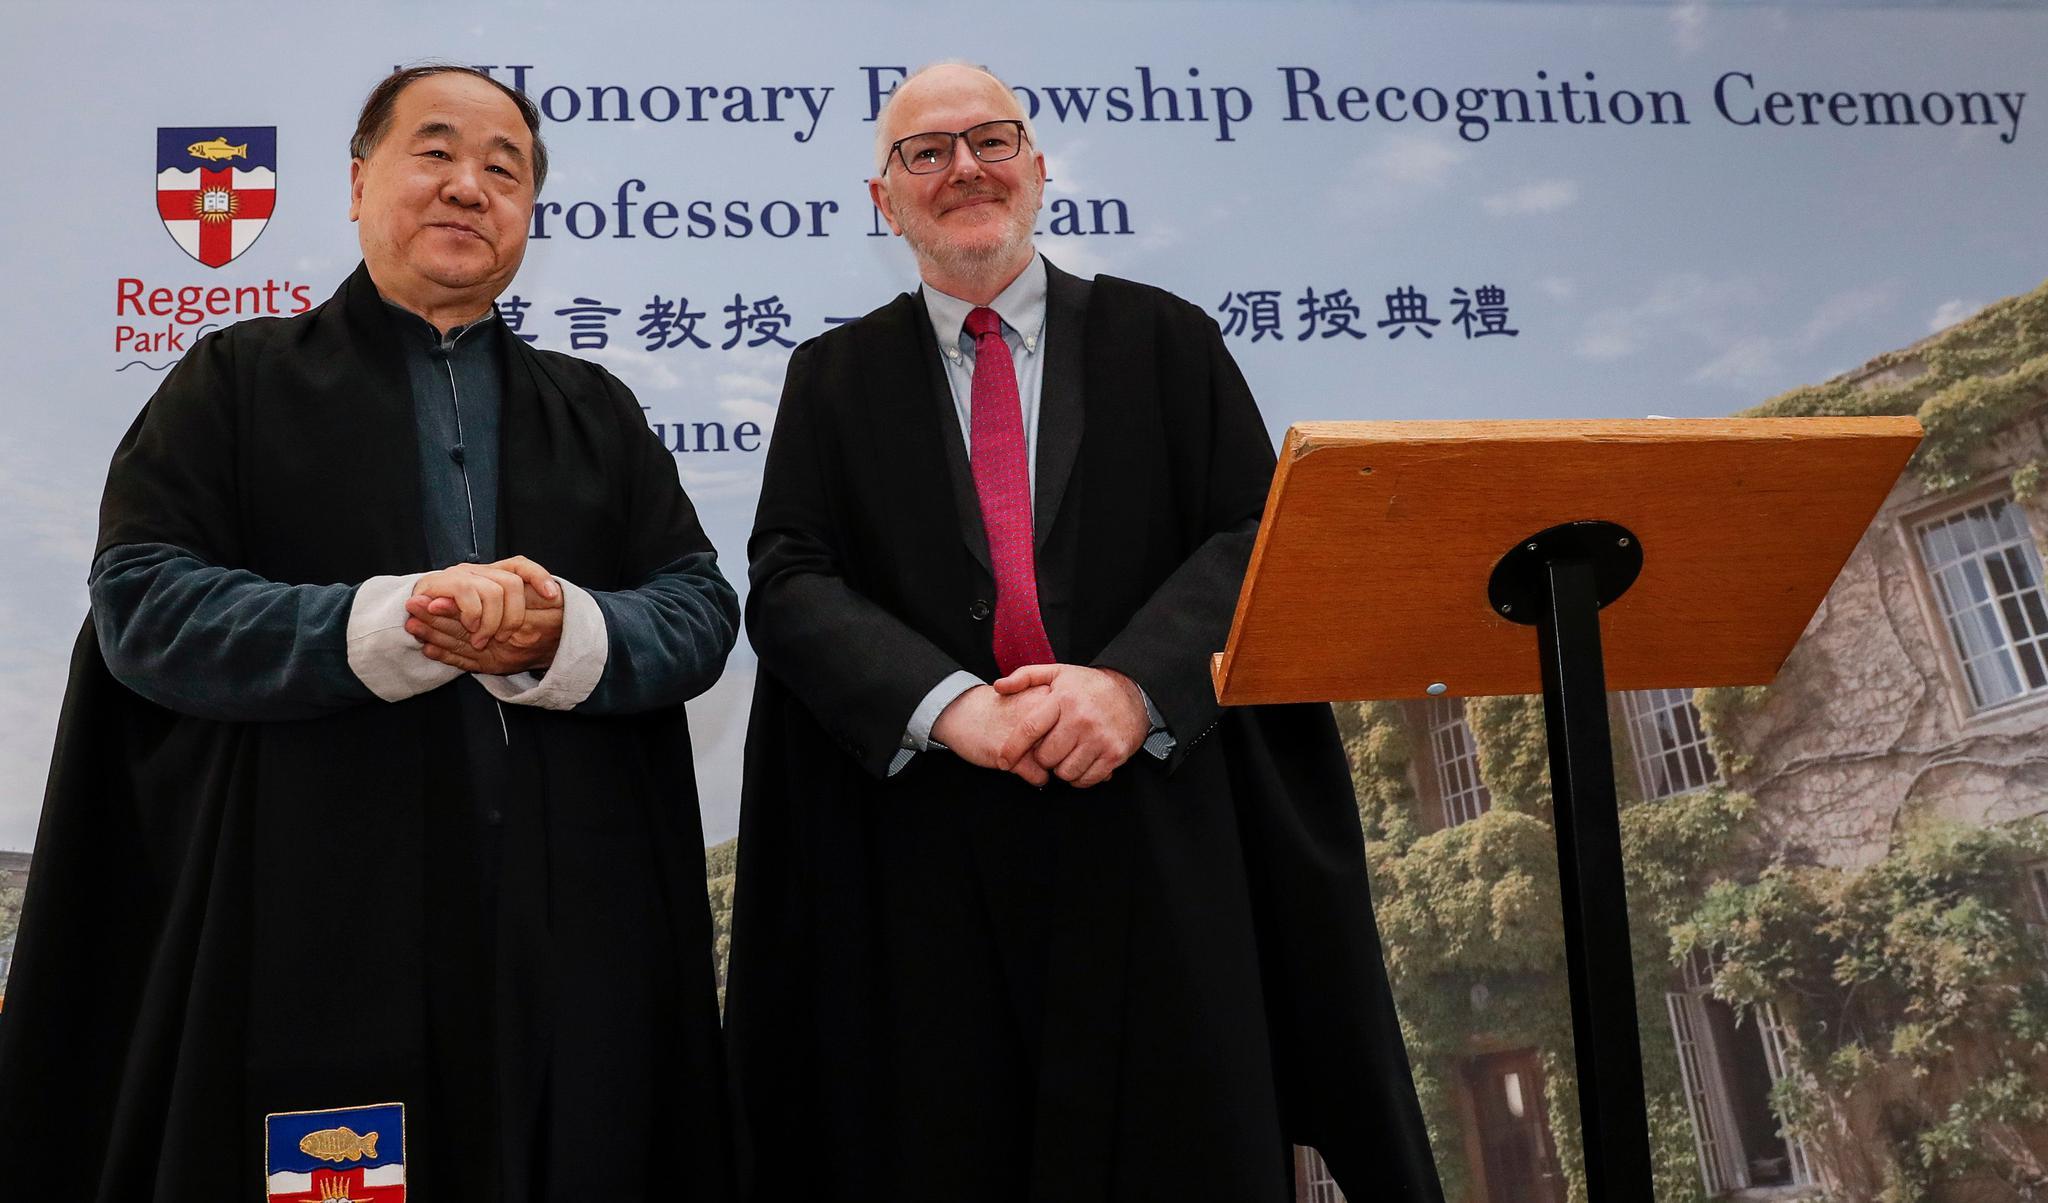 牛津大学一学院授予莫言荣誉院士称号